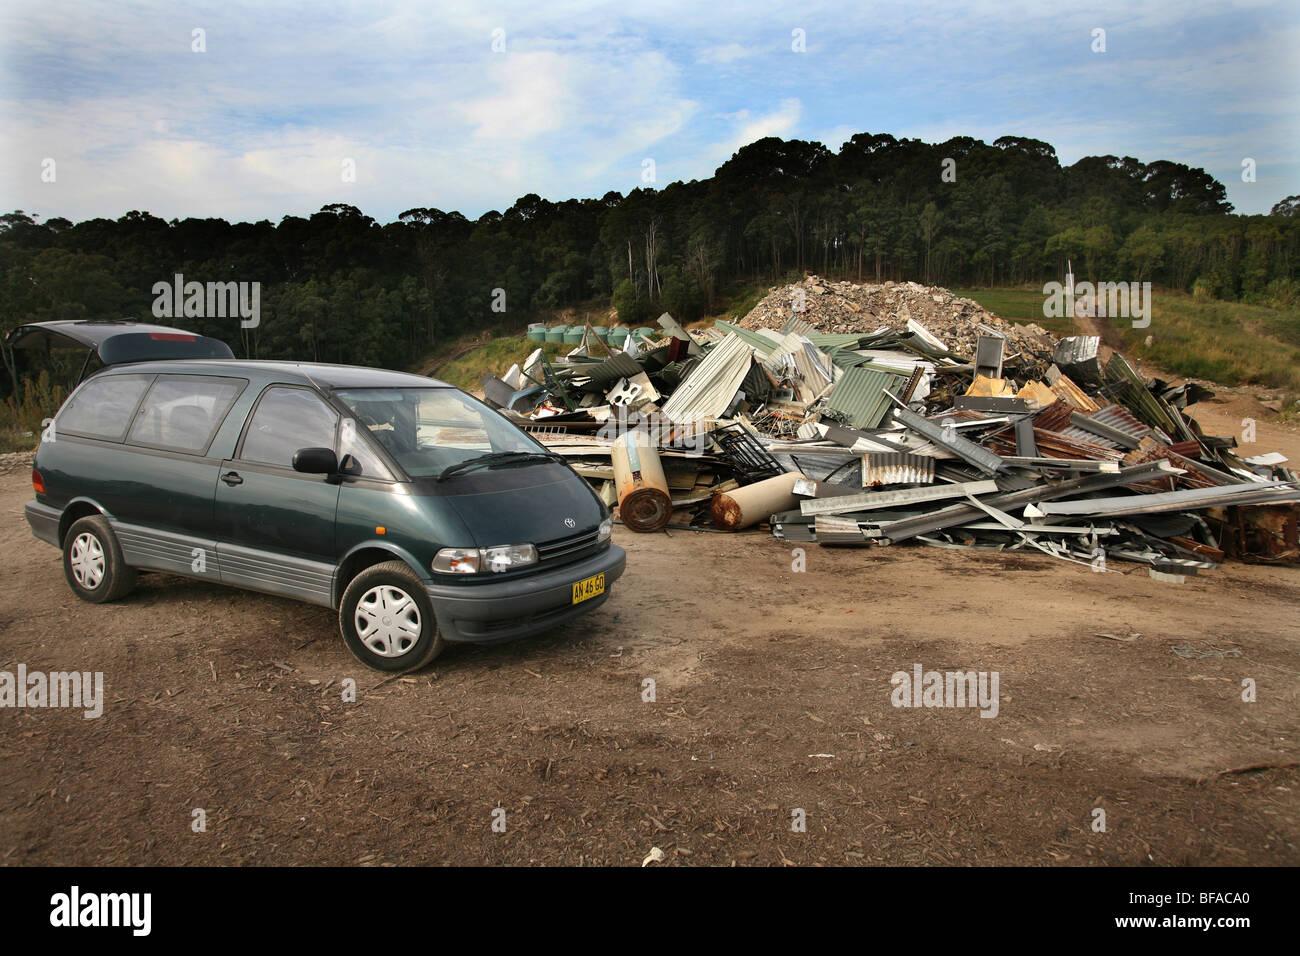 Späten Modell van mit Metall auf Müllkippe zu recycelt werden Stockbild